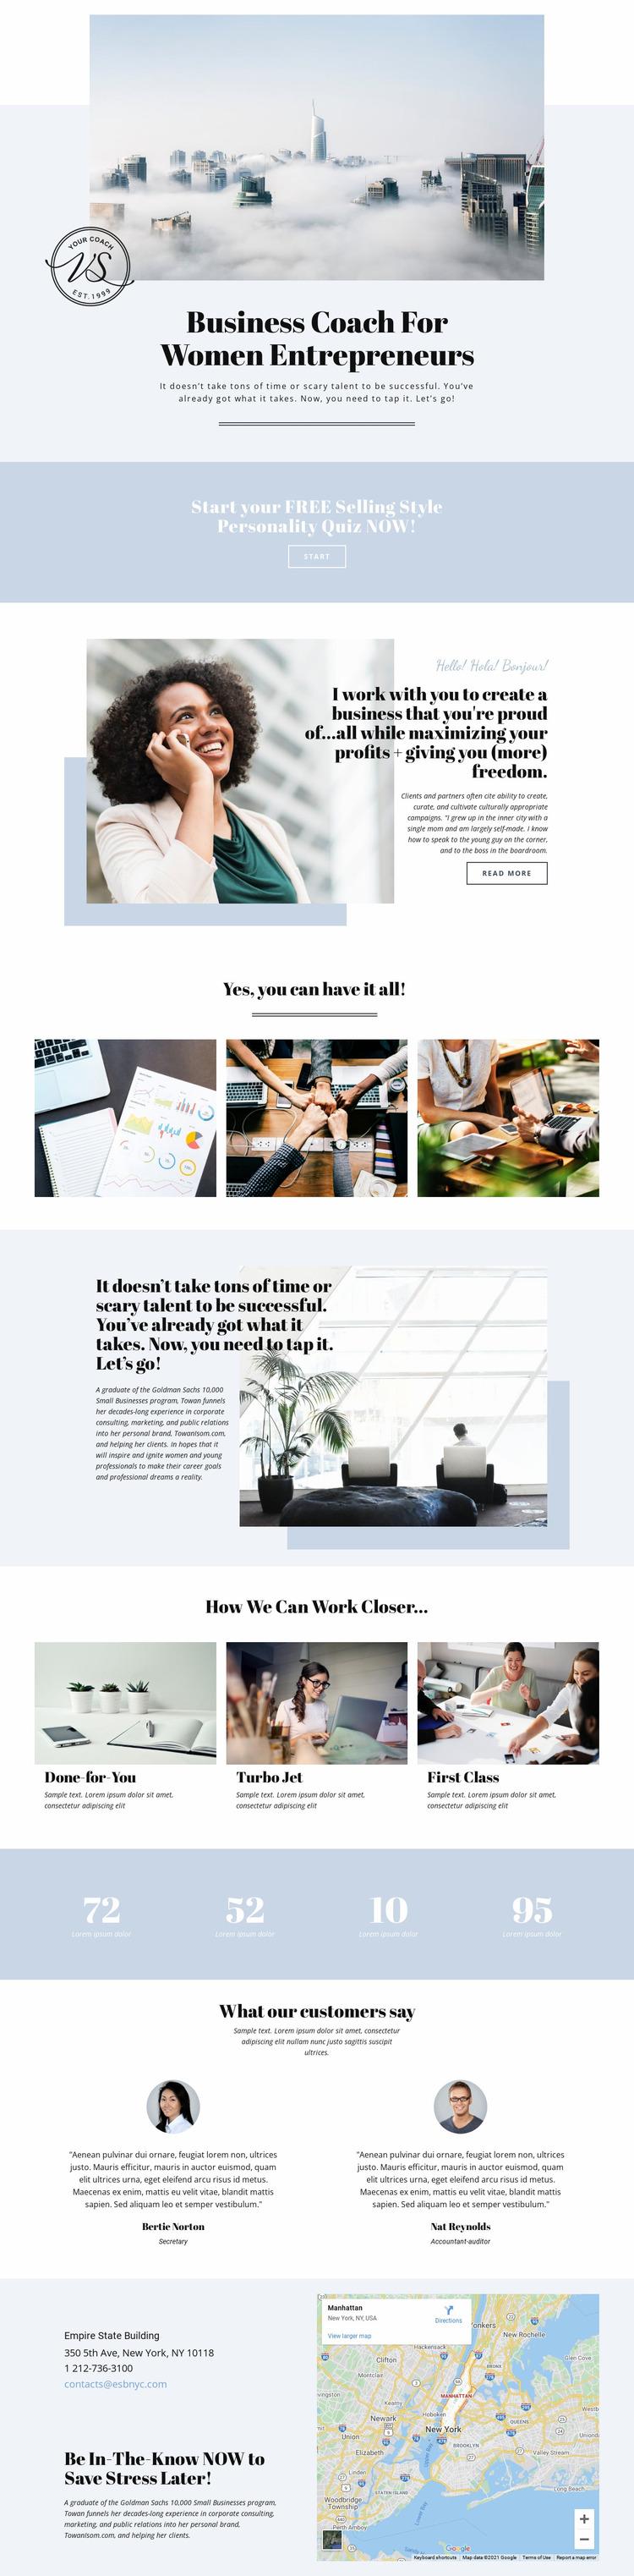 Business women entrepreneurs Website Mockup